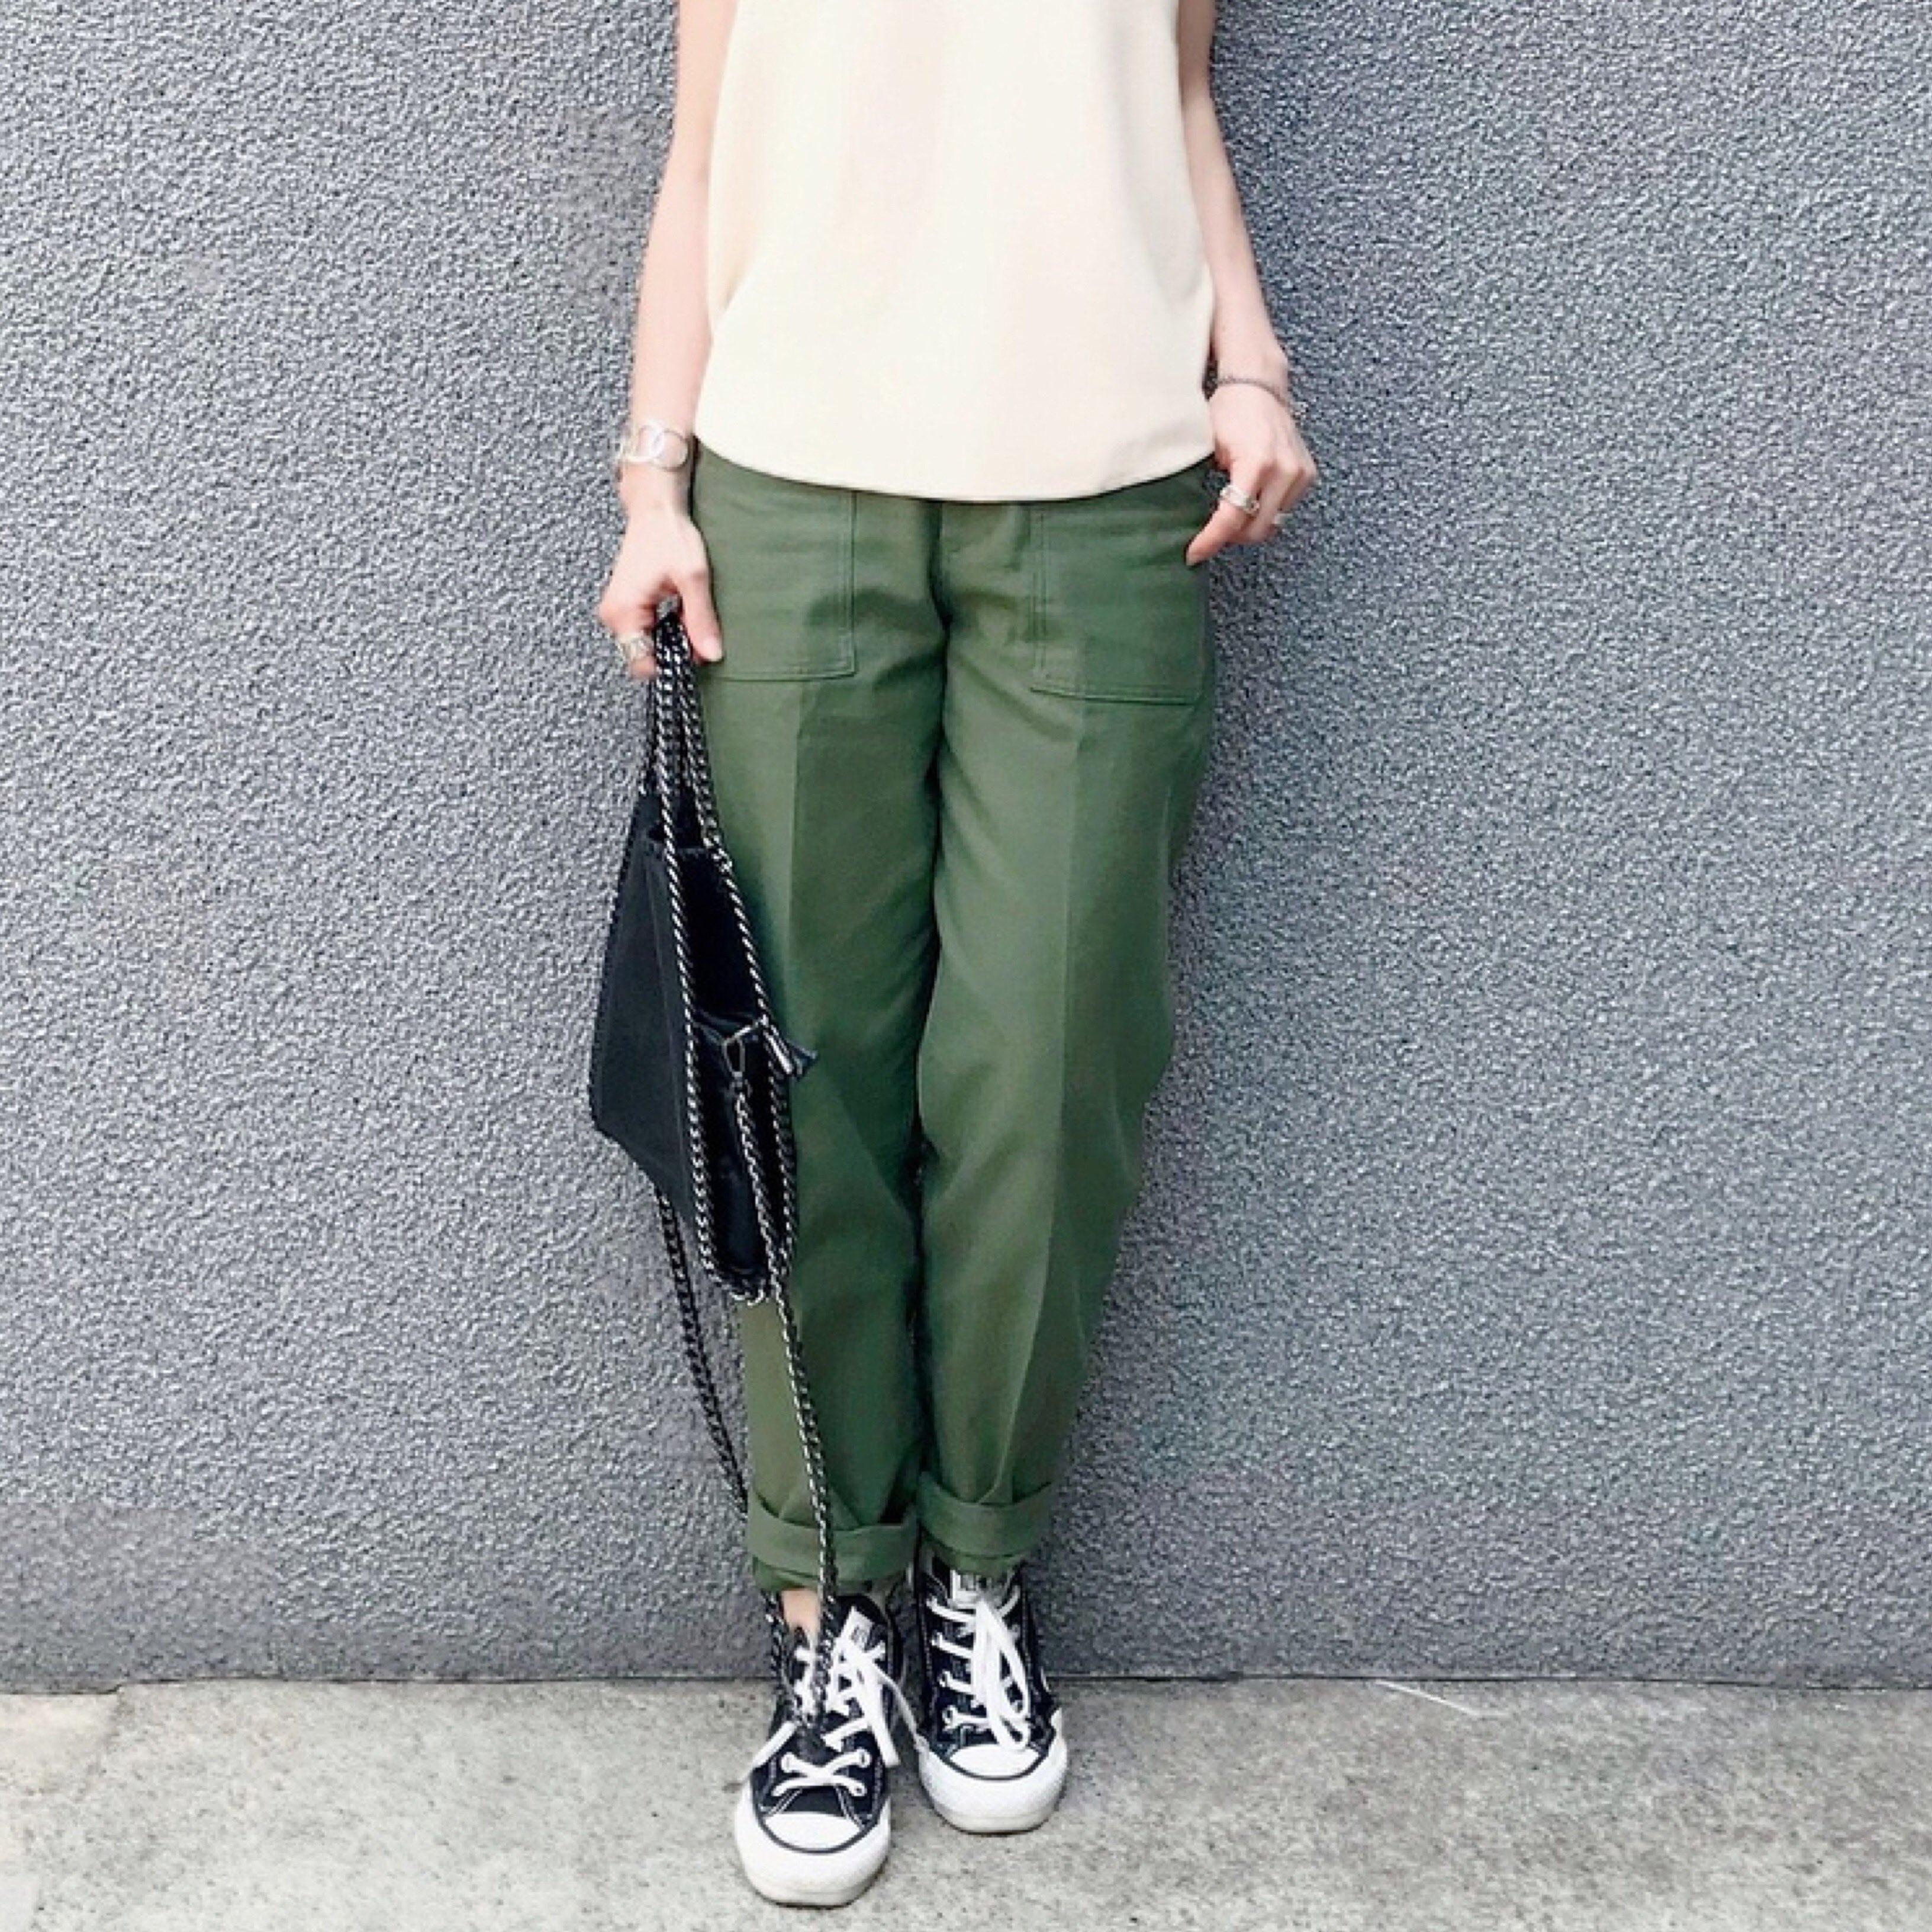 【MINESスナップ】ベイカーパンツを夏アイテムと涼やか&大人に着こなす